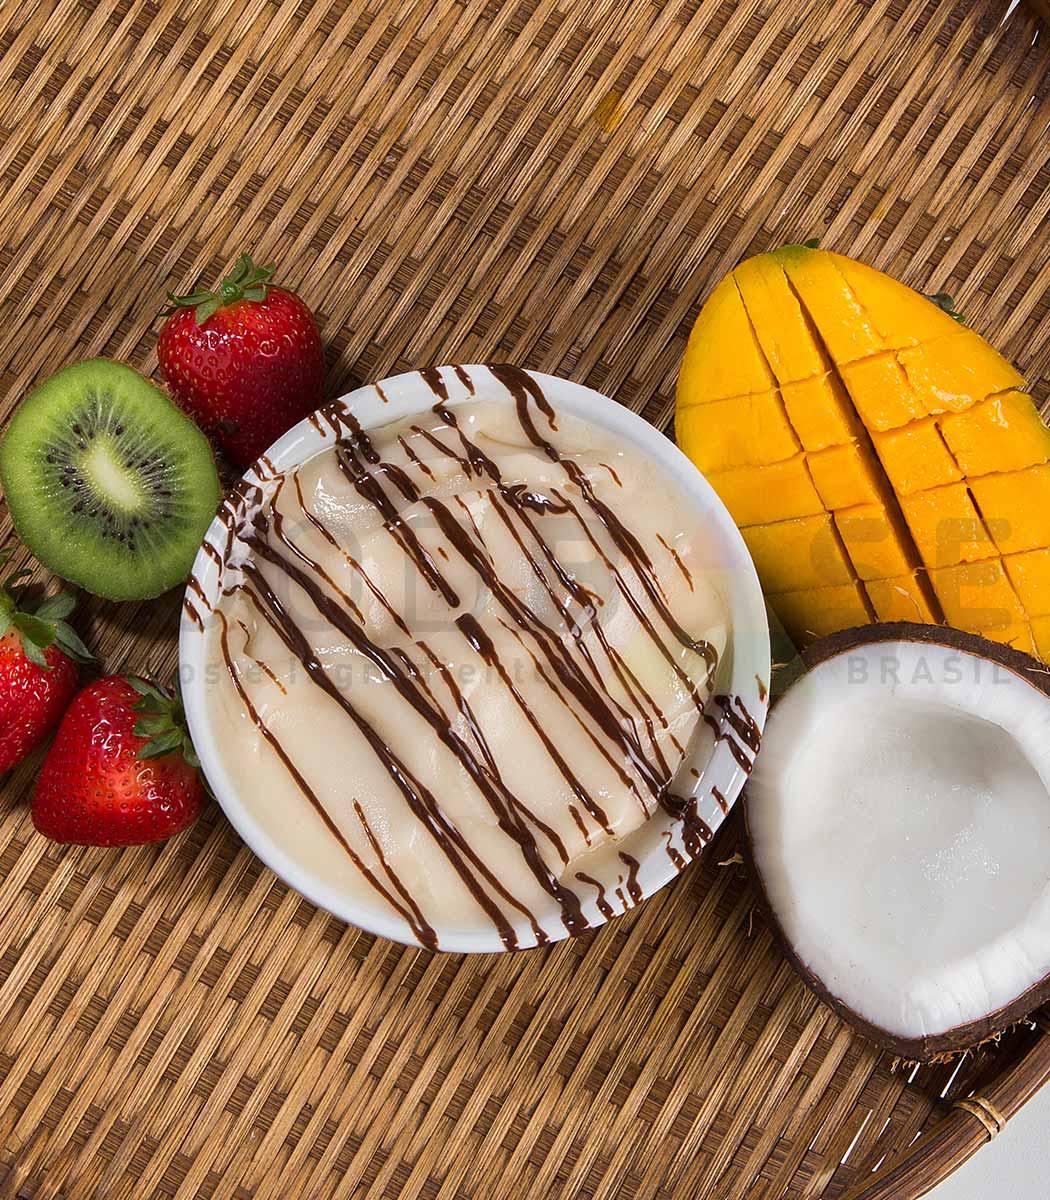 Receitas para sorveterias: 2 receitas de sorvete de cupuaçu super cremoso